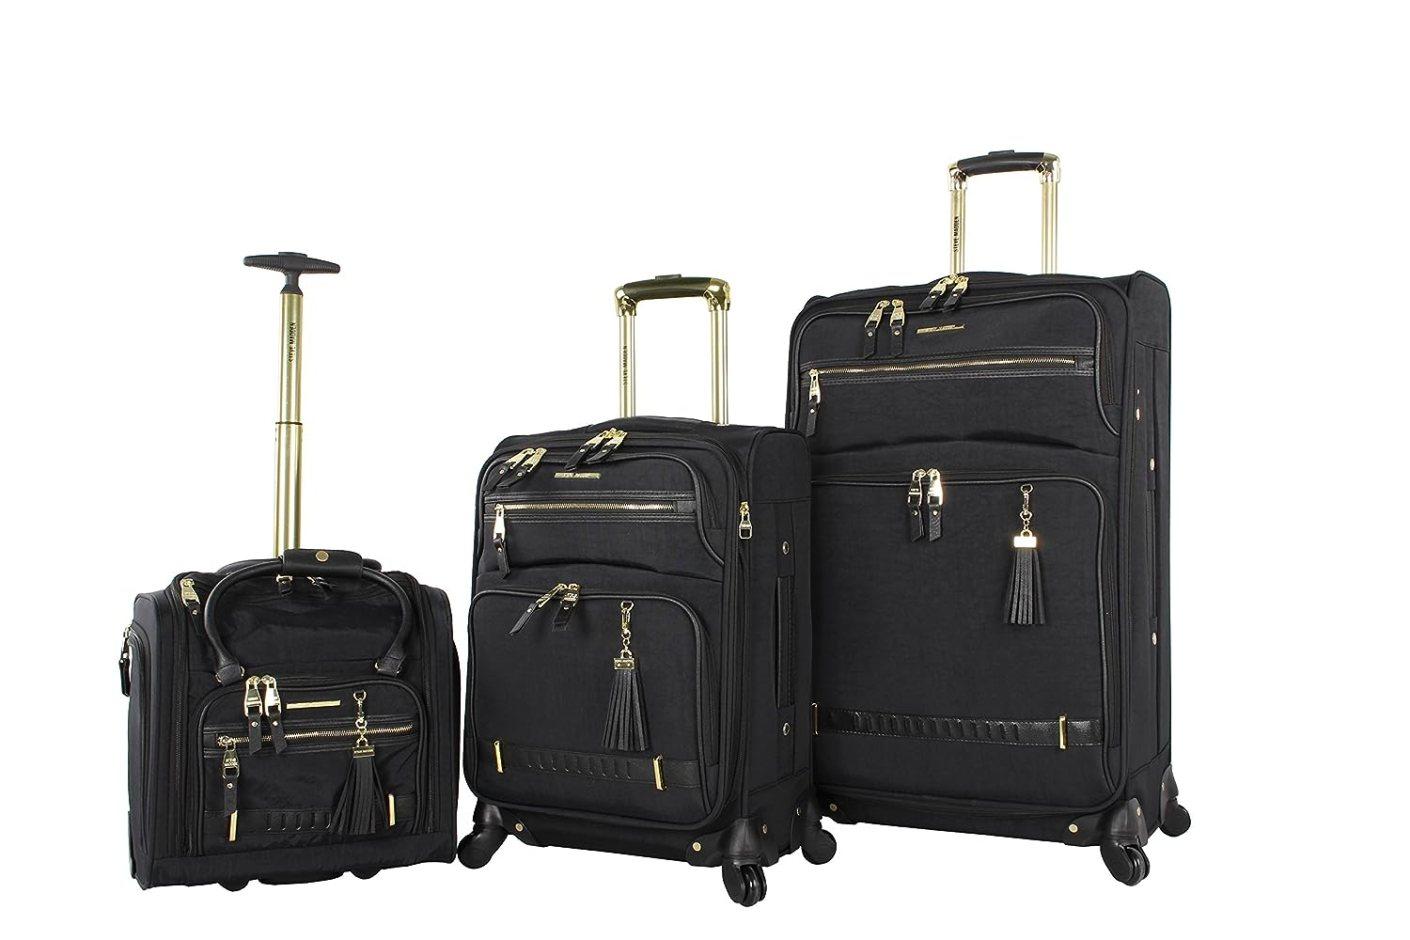 Juego de maletas para viajarhttps://amzn.to/2EfOBbk